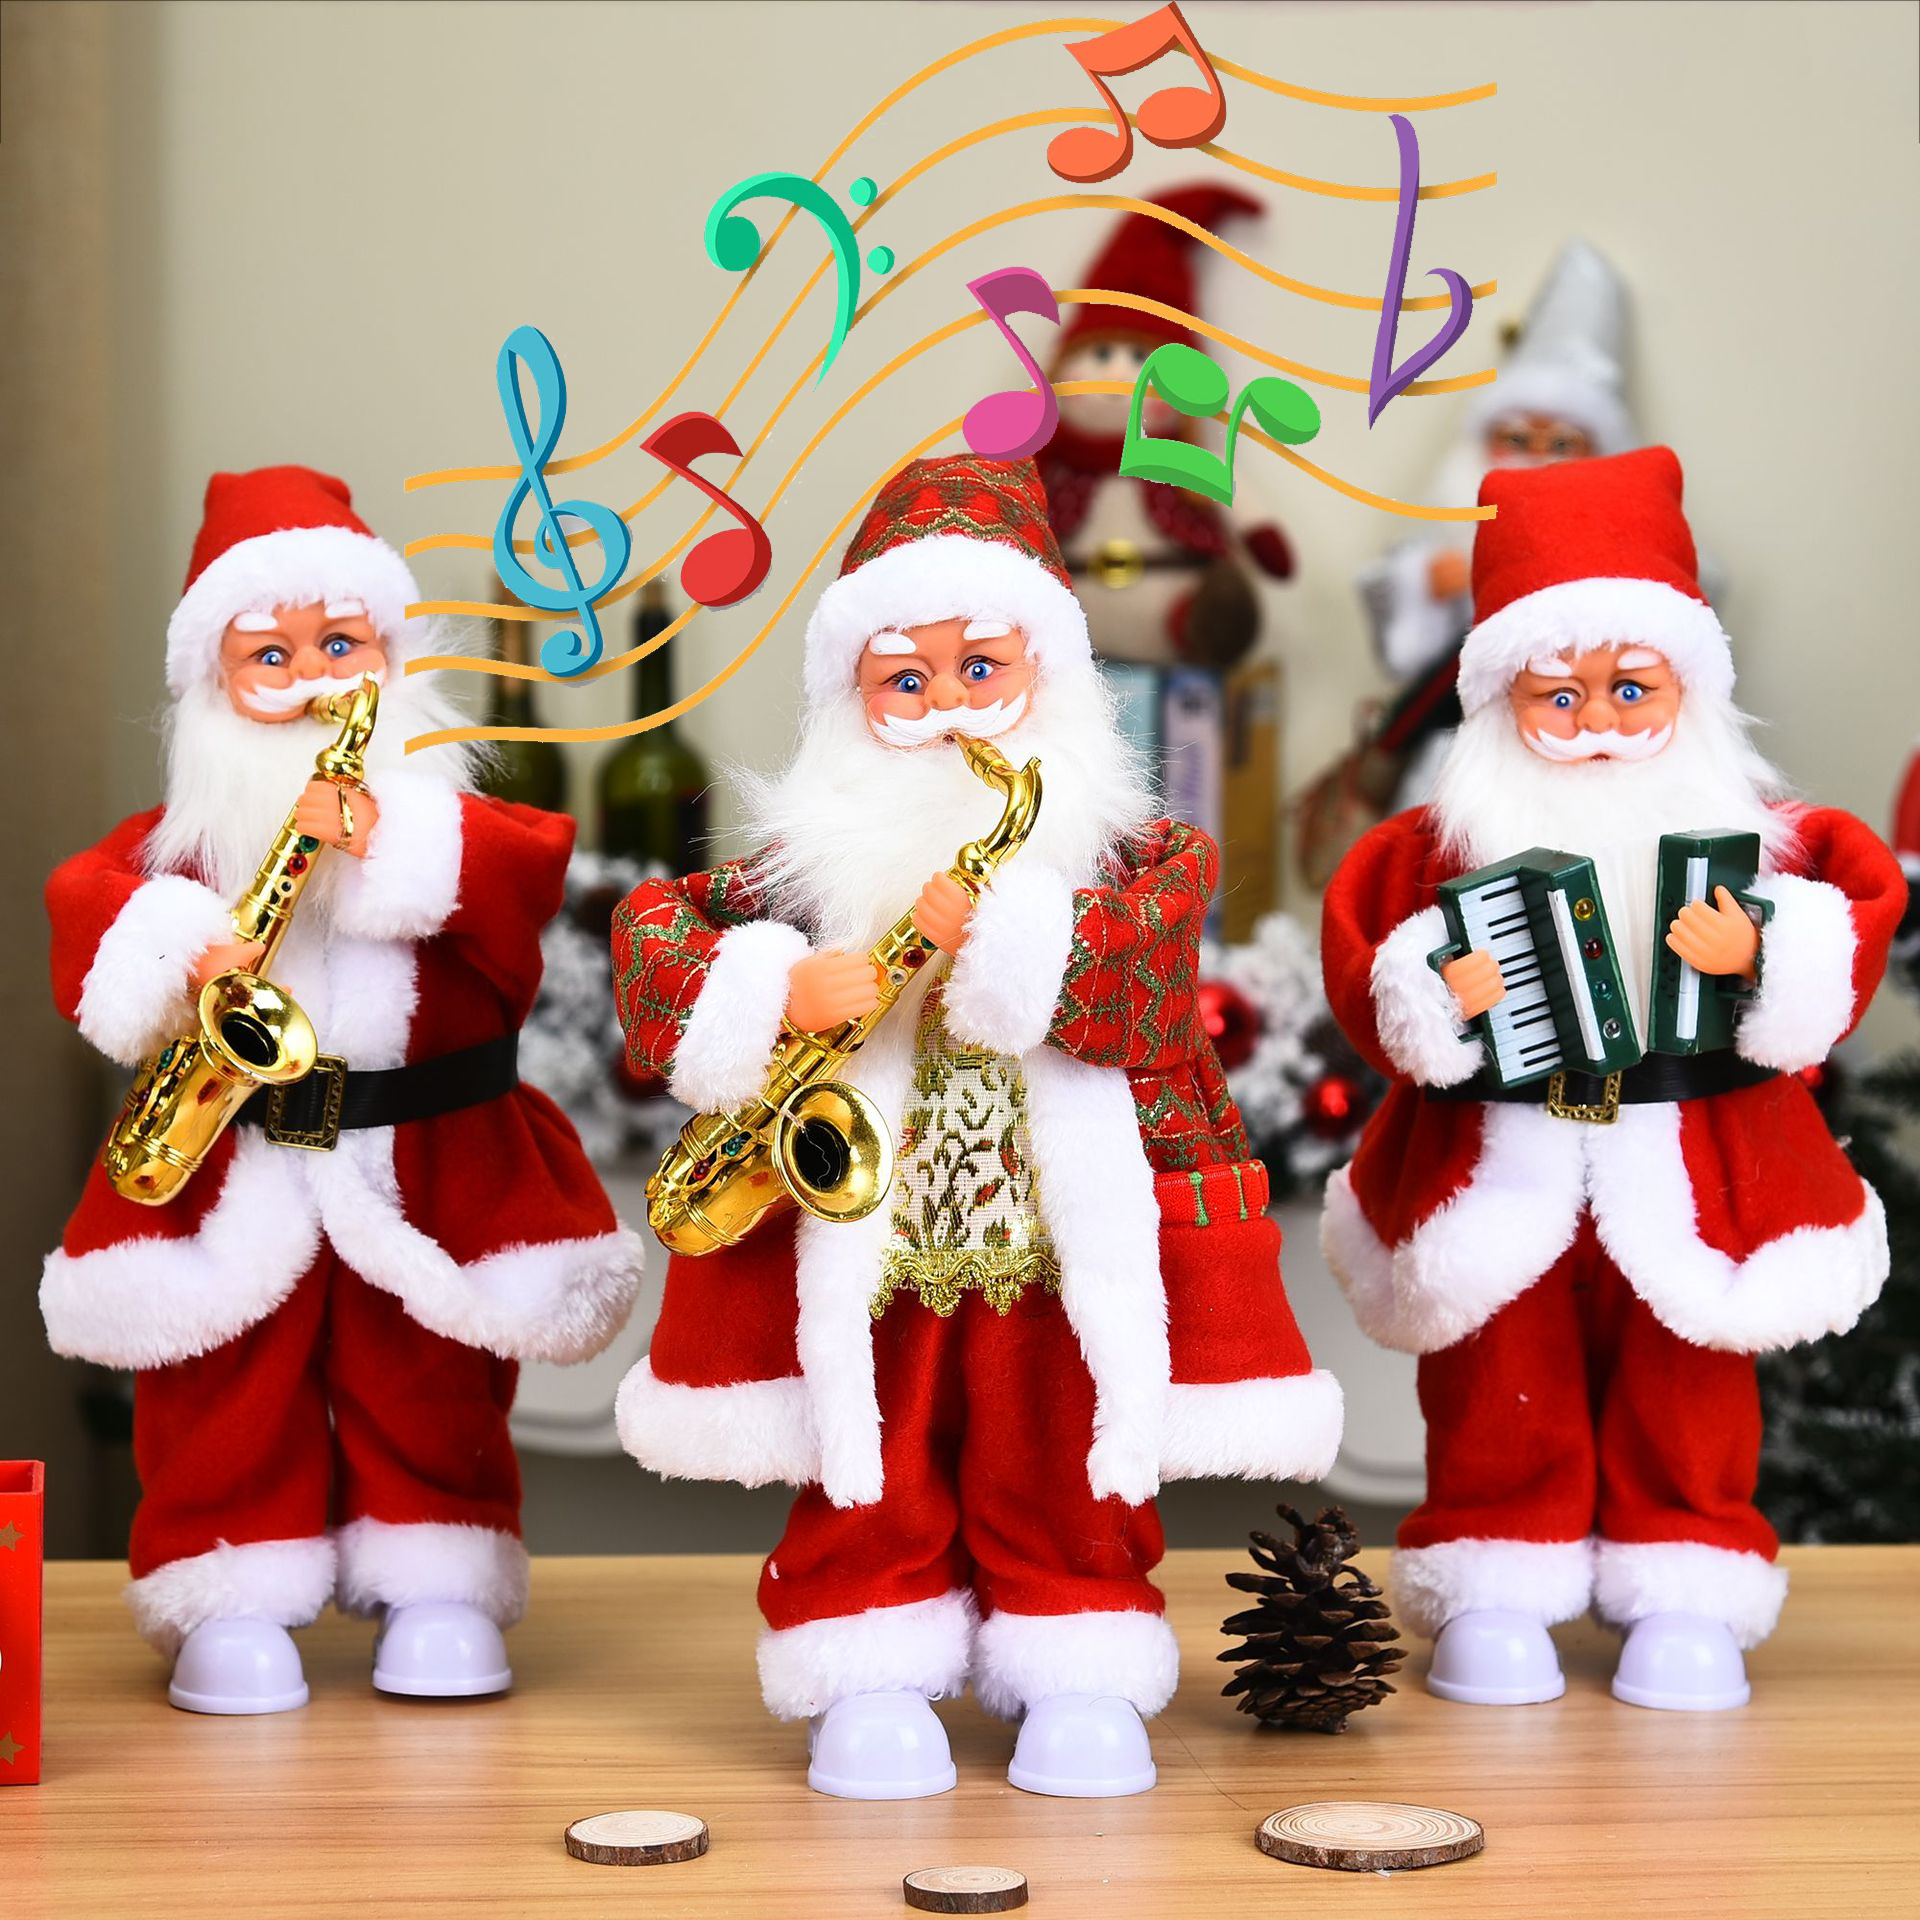 Новогодние 2021 рождественские украшения для дома, электрическая игрушка с музыкой 14 на саксофоне, играющая в белые ножки Санта Клауса с подсветкой Кулоны и подвески      АлиЭкспресс